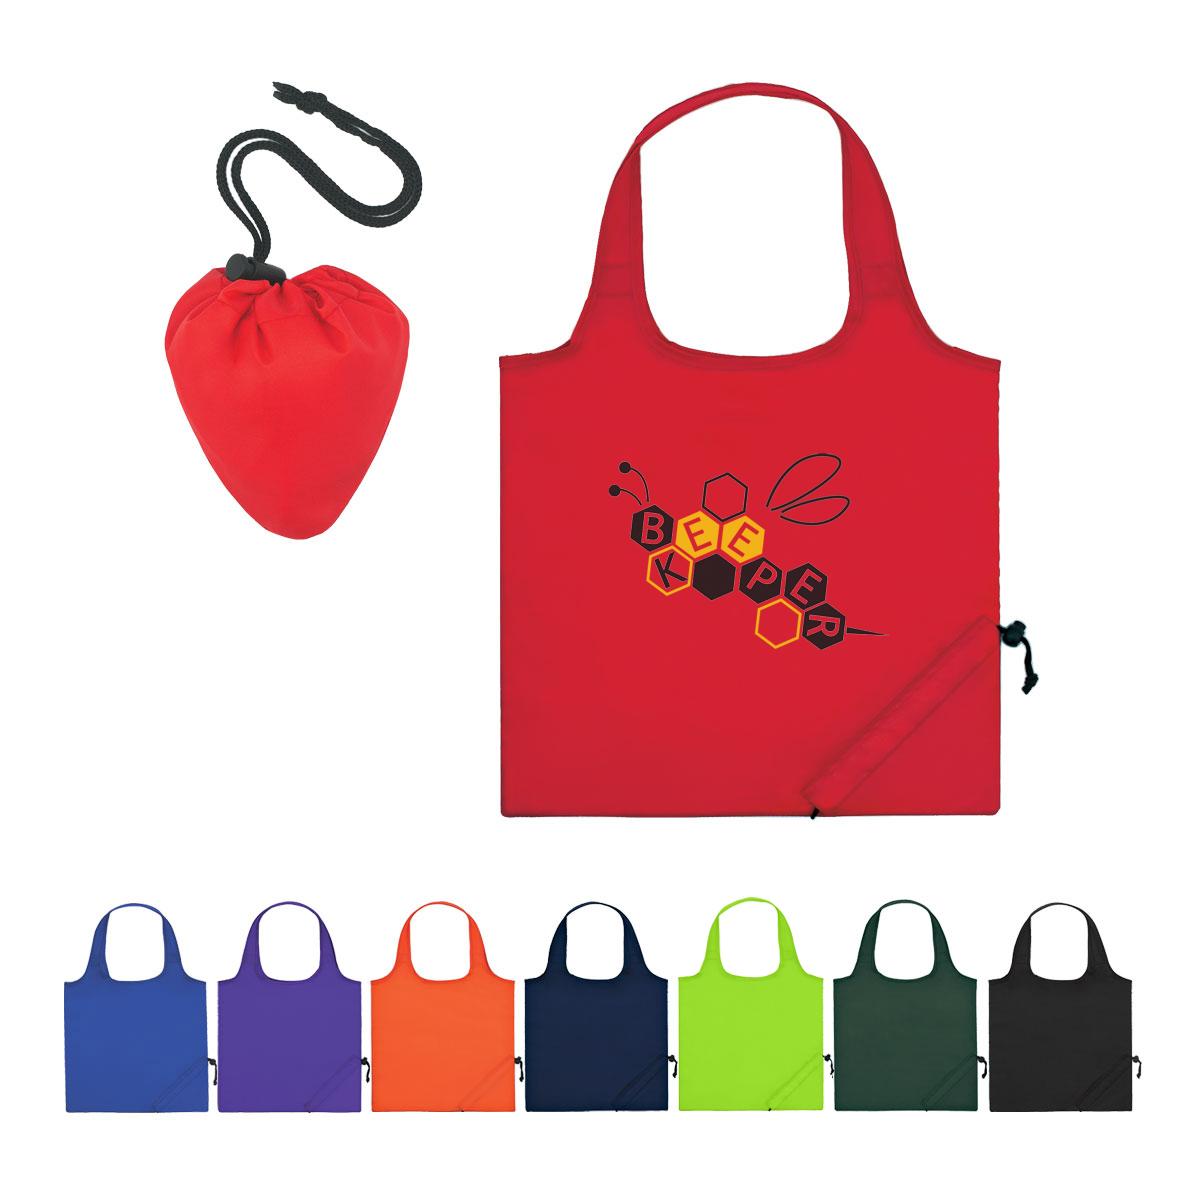 Foldaway Tote Bag